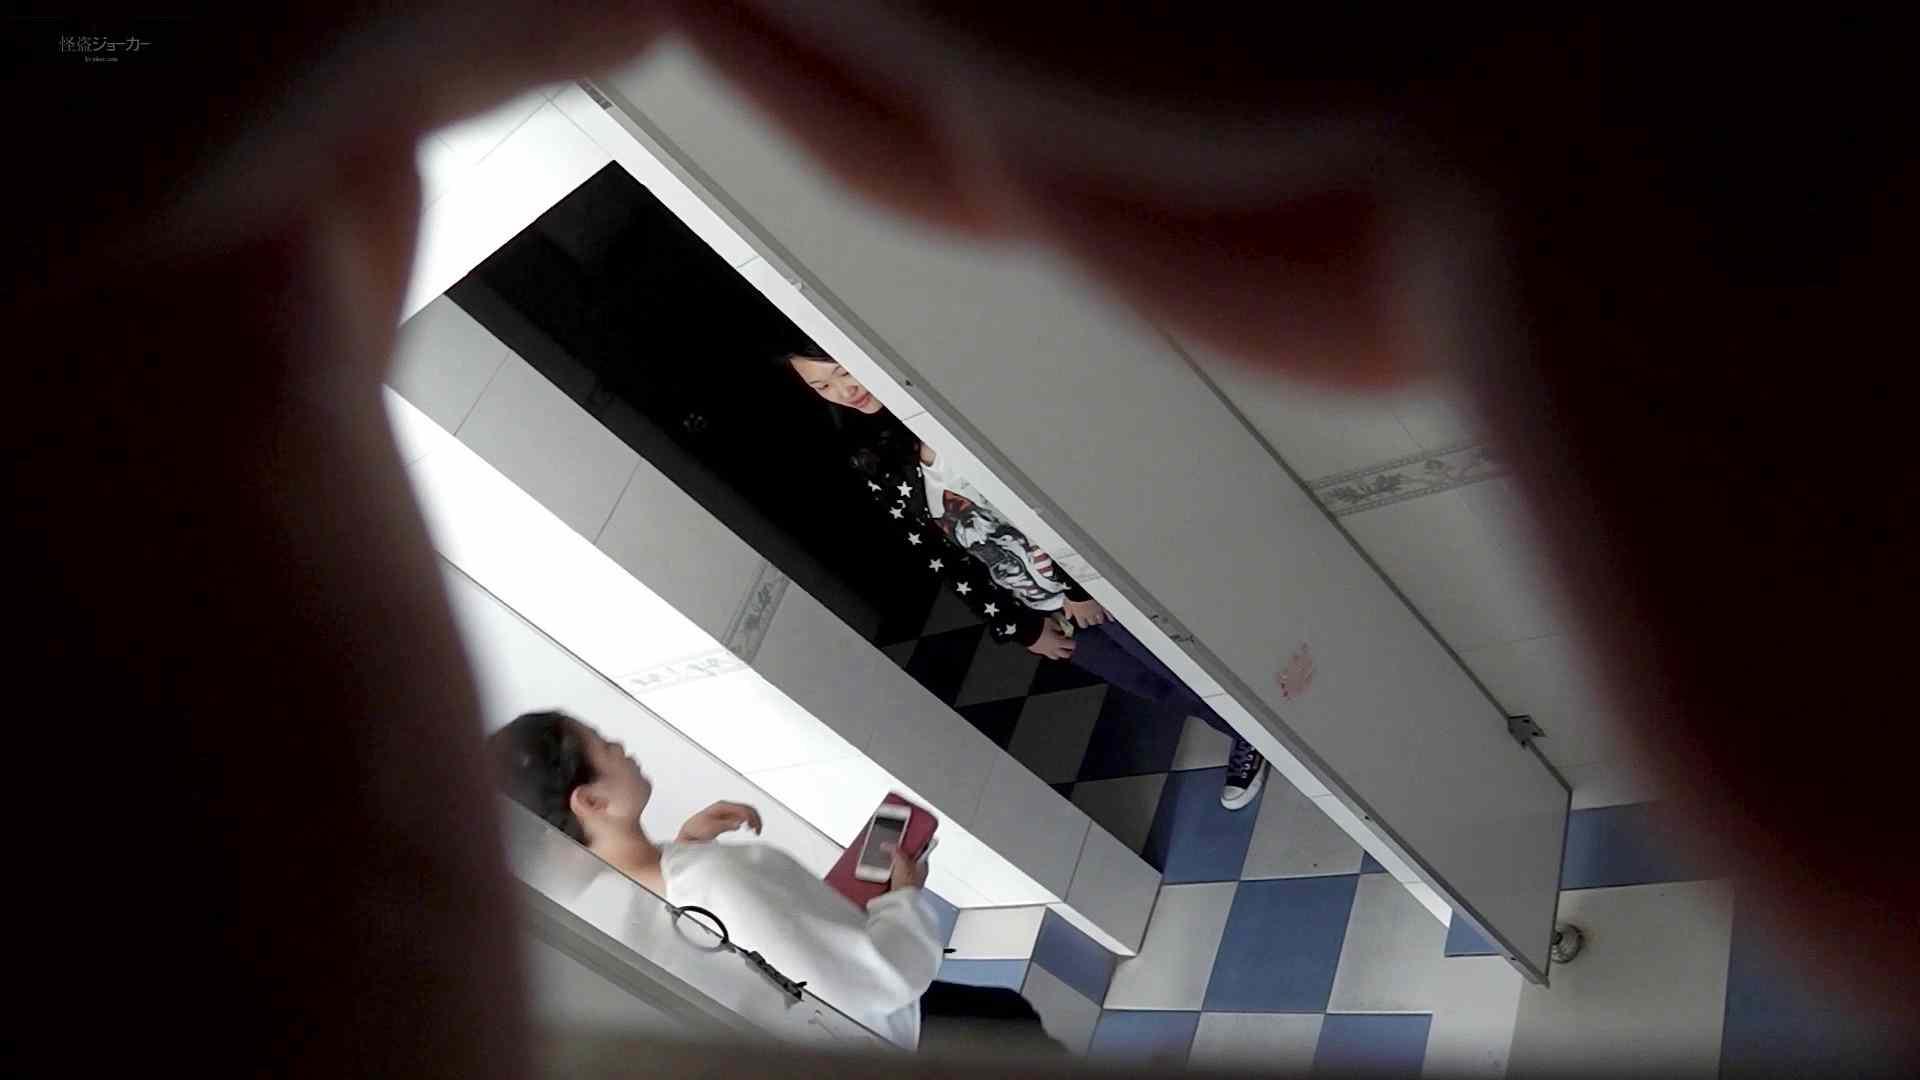 なんだこれ!! Vol.08 遂に美女登場!! テクニック  78pic 30